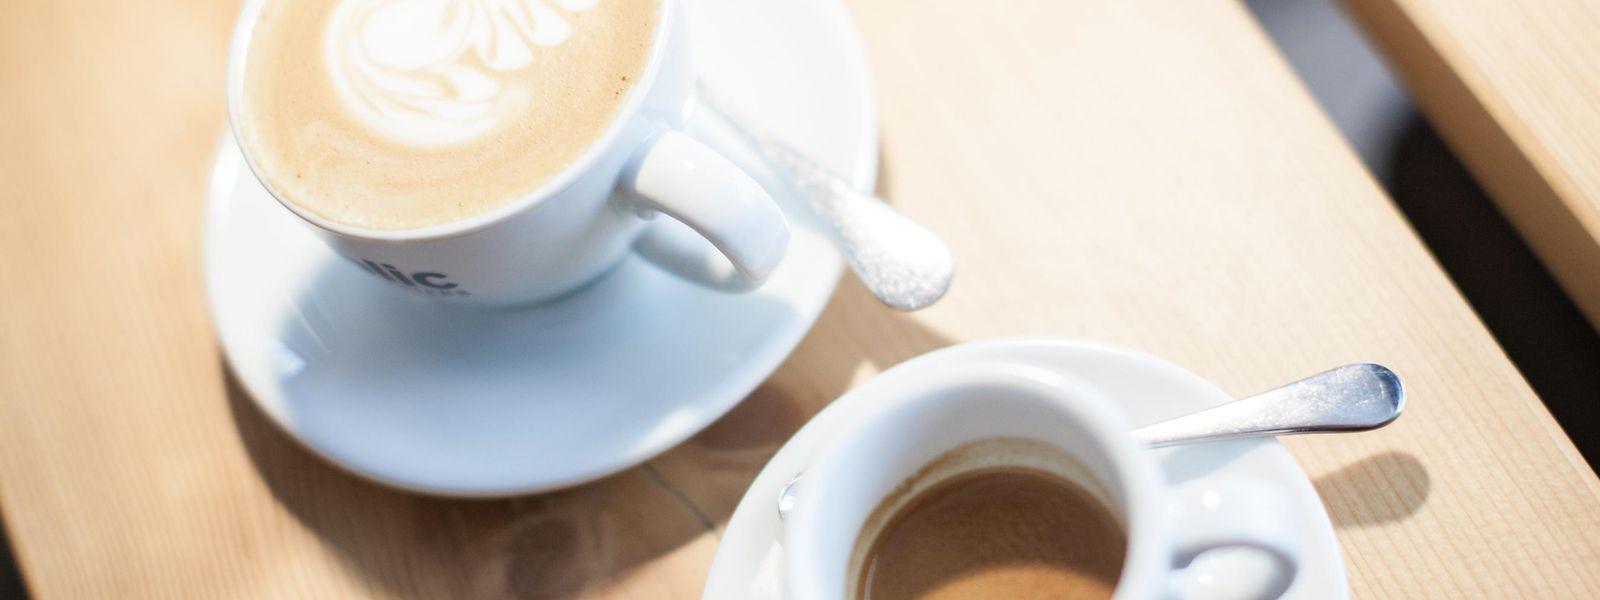 Cremig und nicht zu bitter im Geschmack soll er sein: So wünschen sich Kaffeefreunde einen guten Cappuccino oder Espresso.